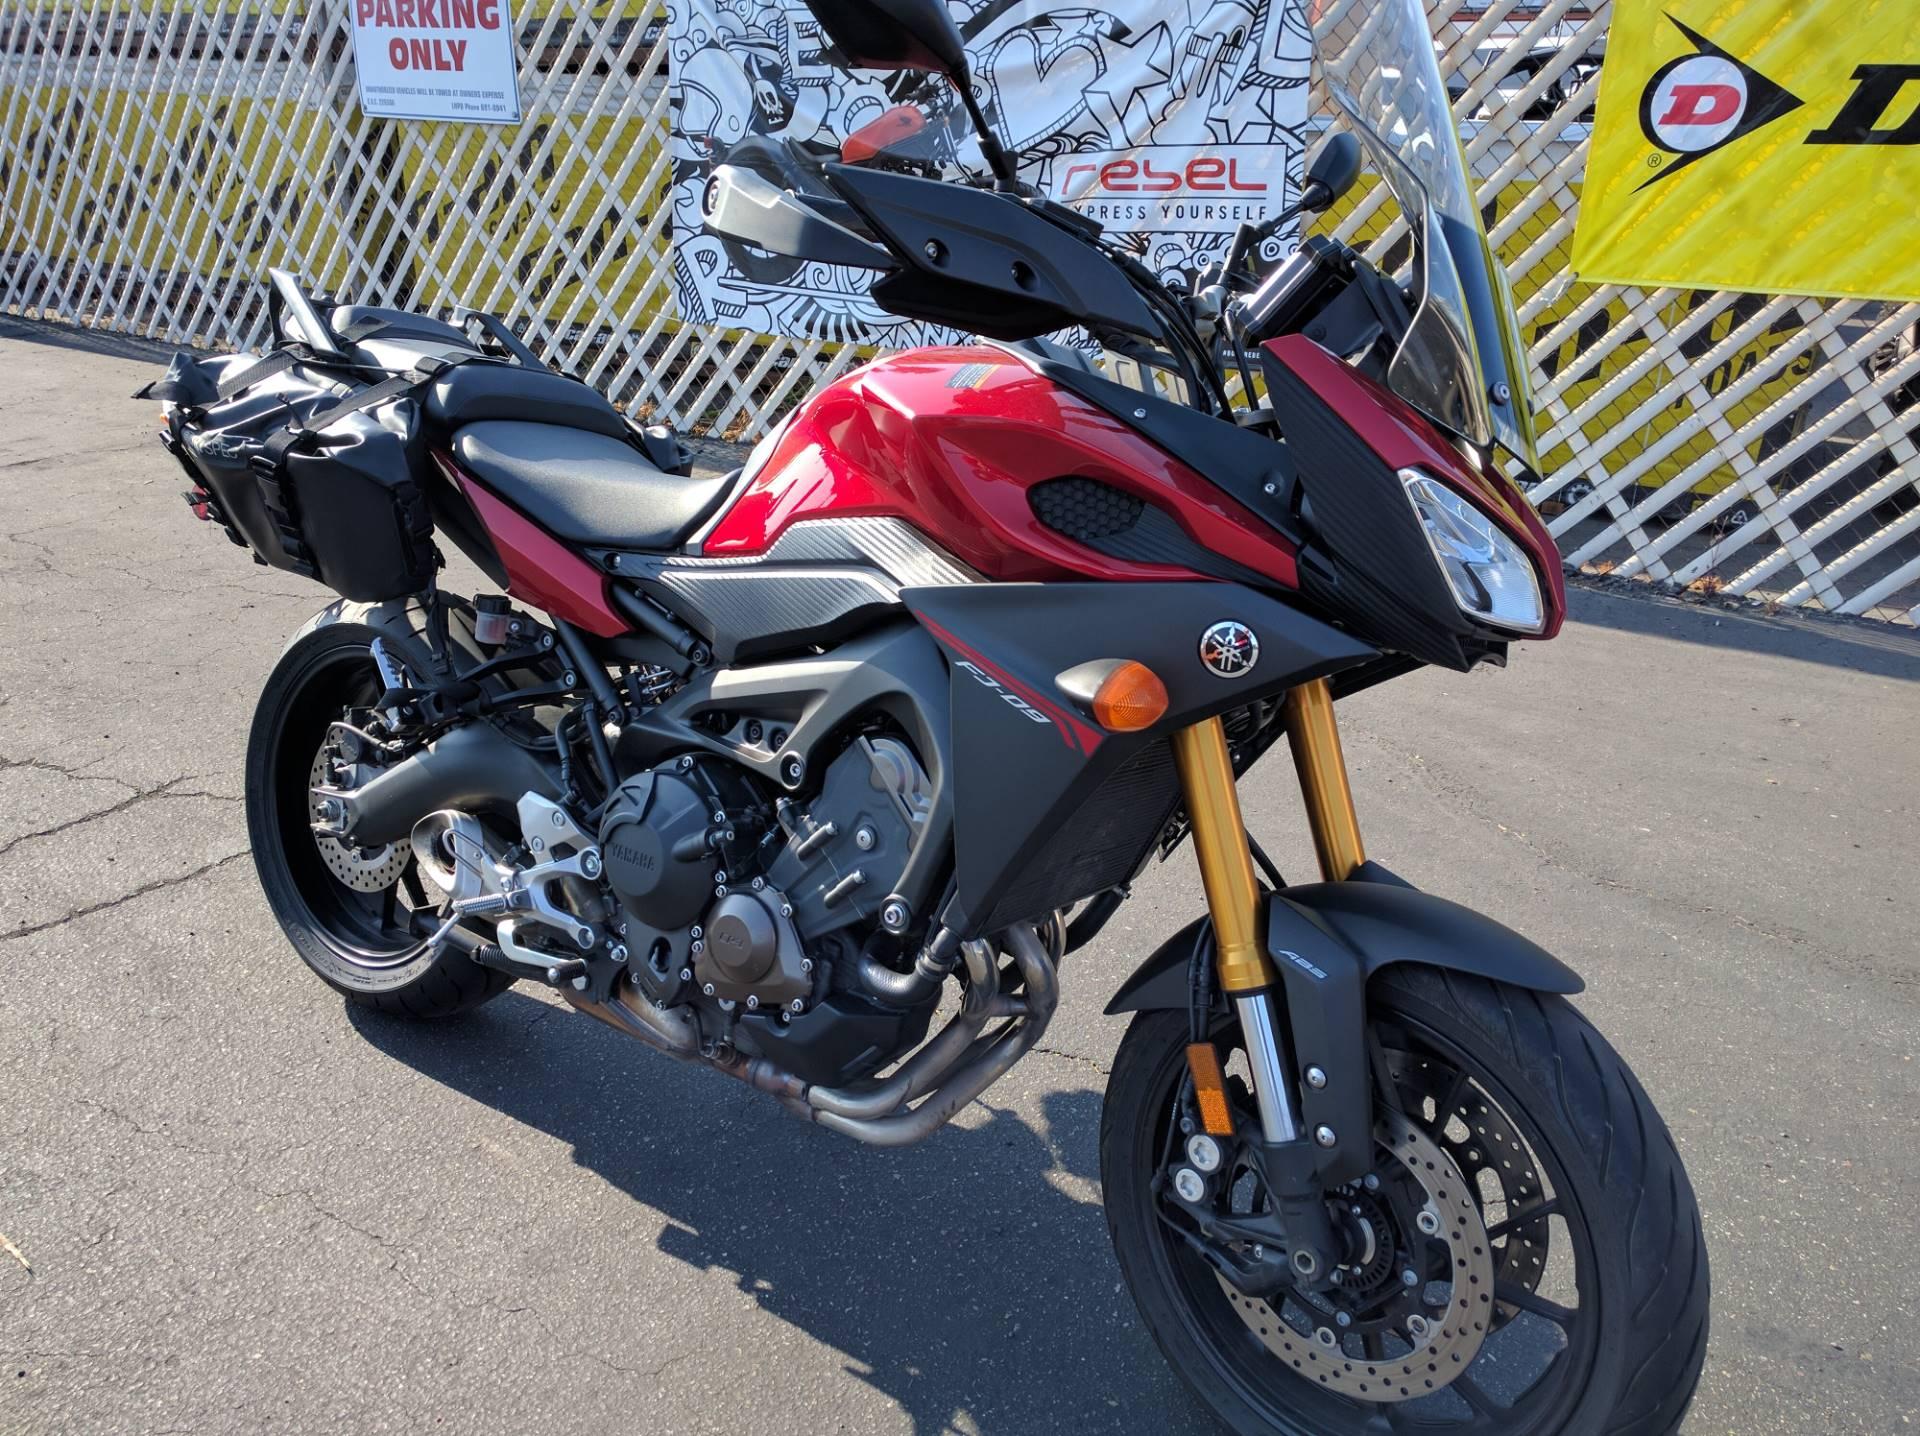 2015 Yamaha FJ-09 3